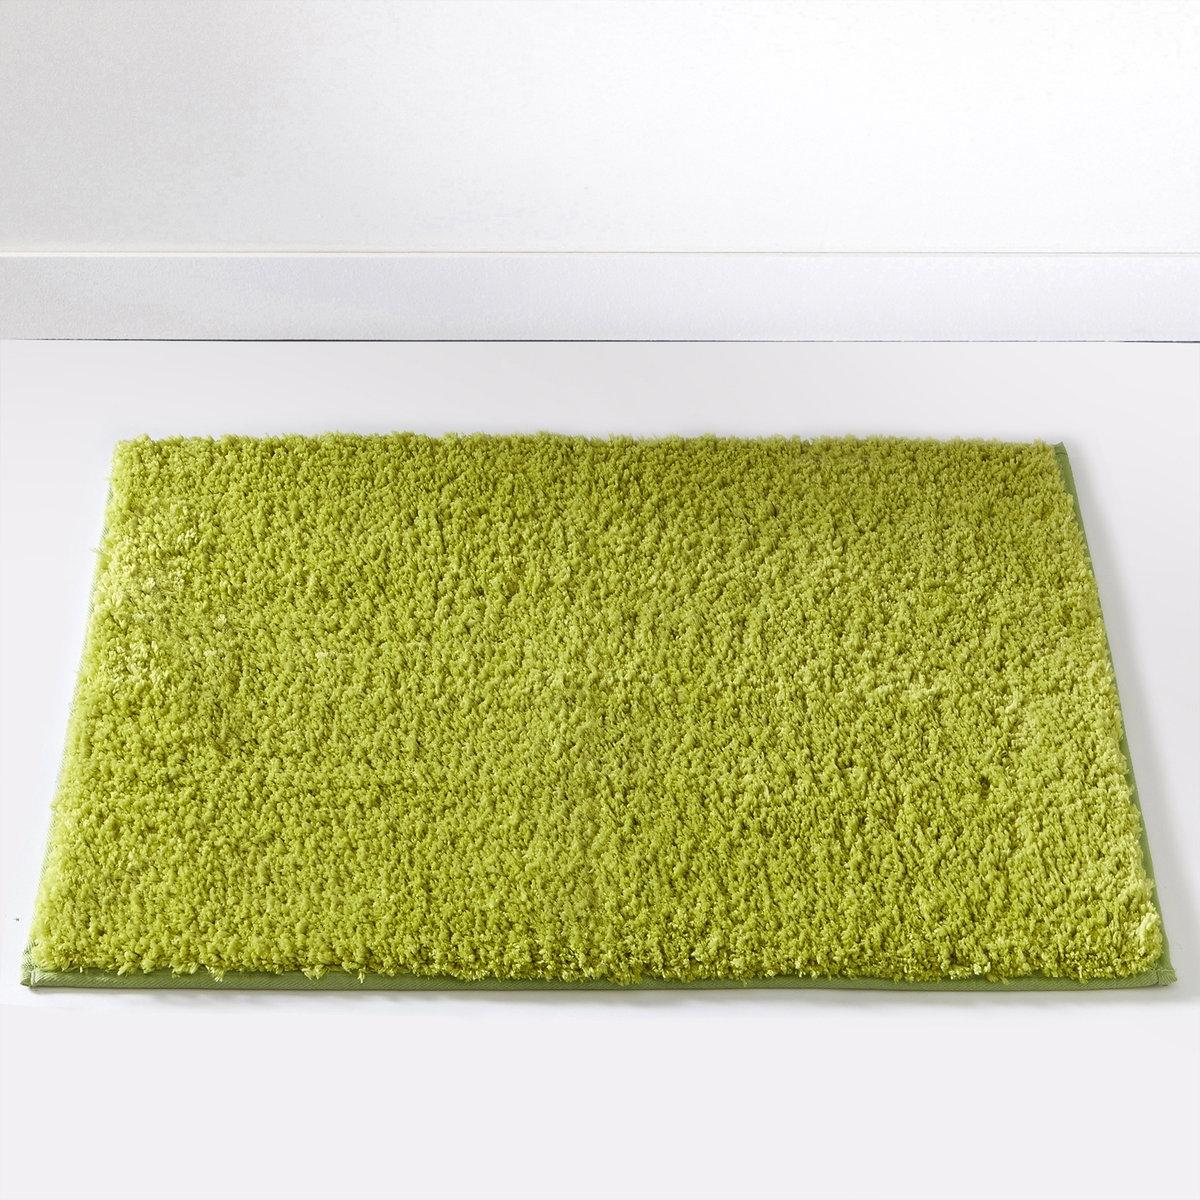 Коврик для ванной SCENARIO коврик для ванной 1100 г м² качество best